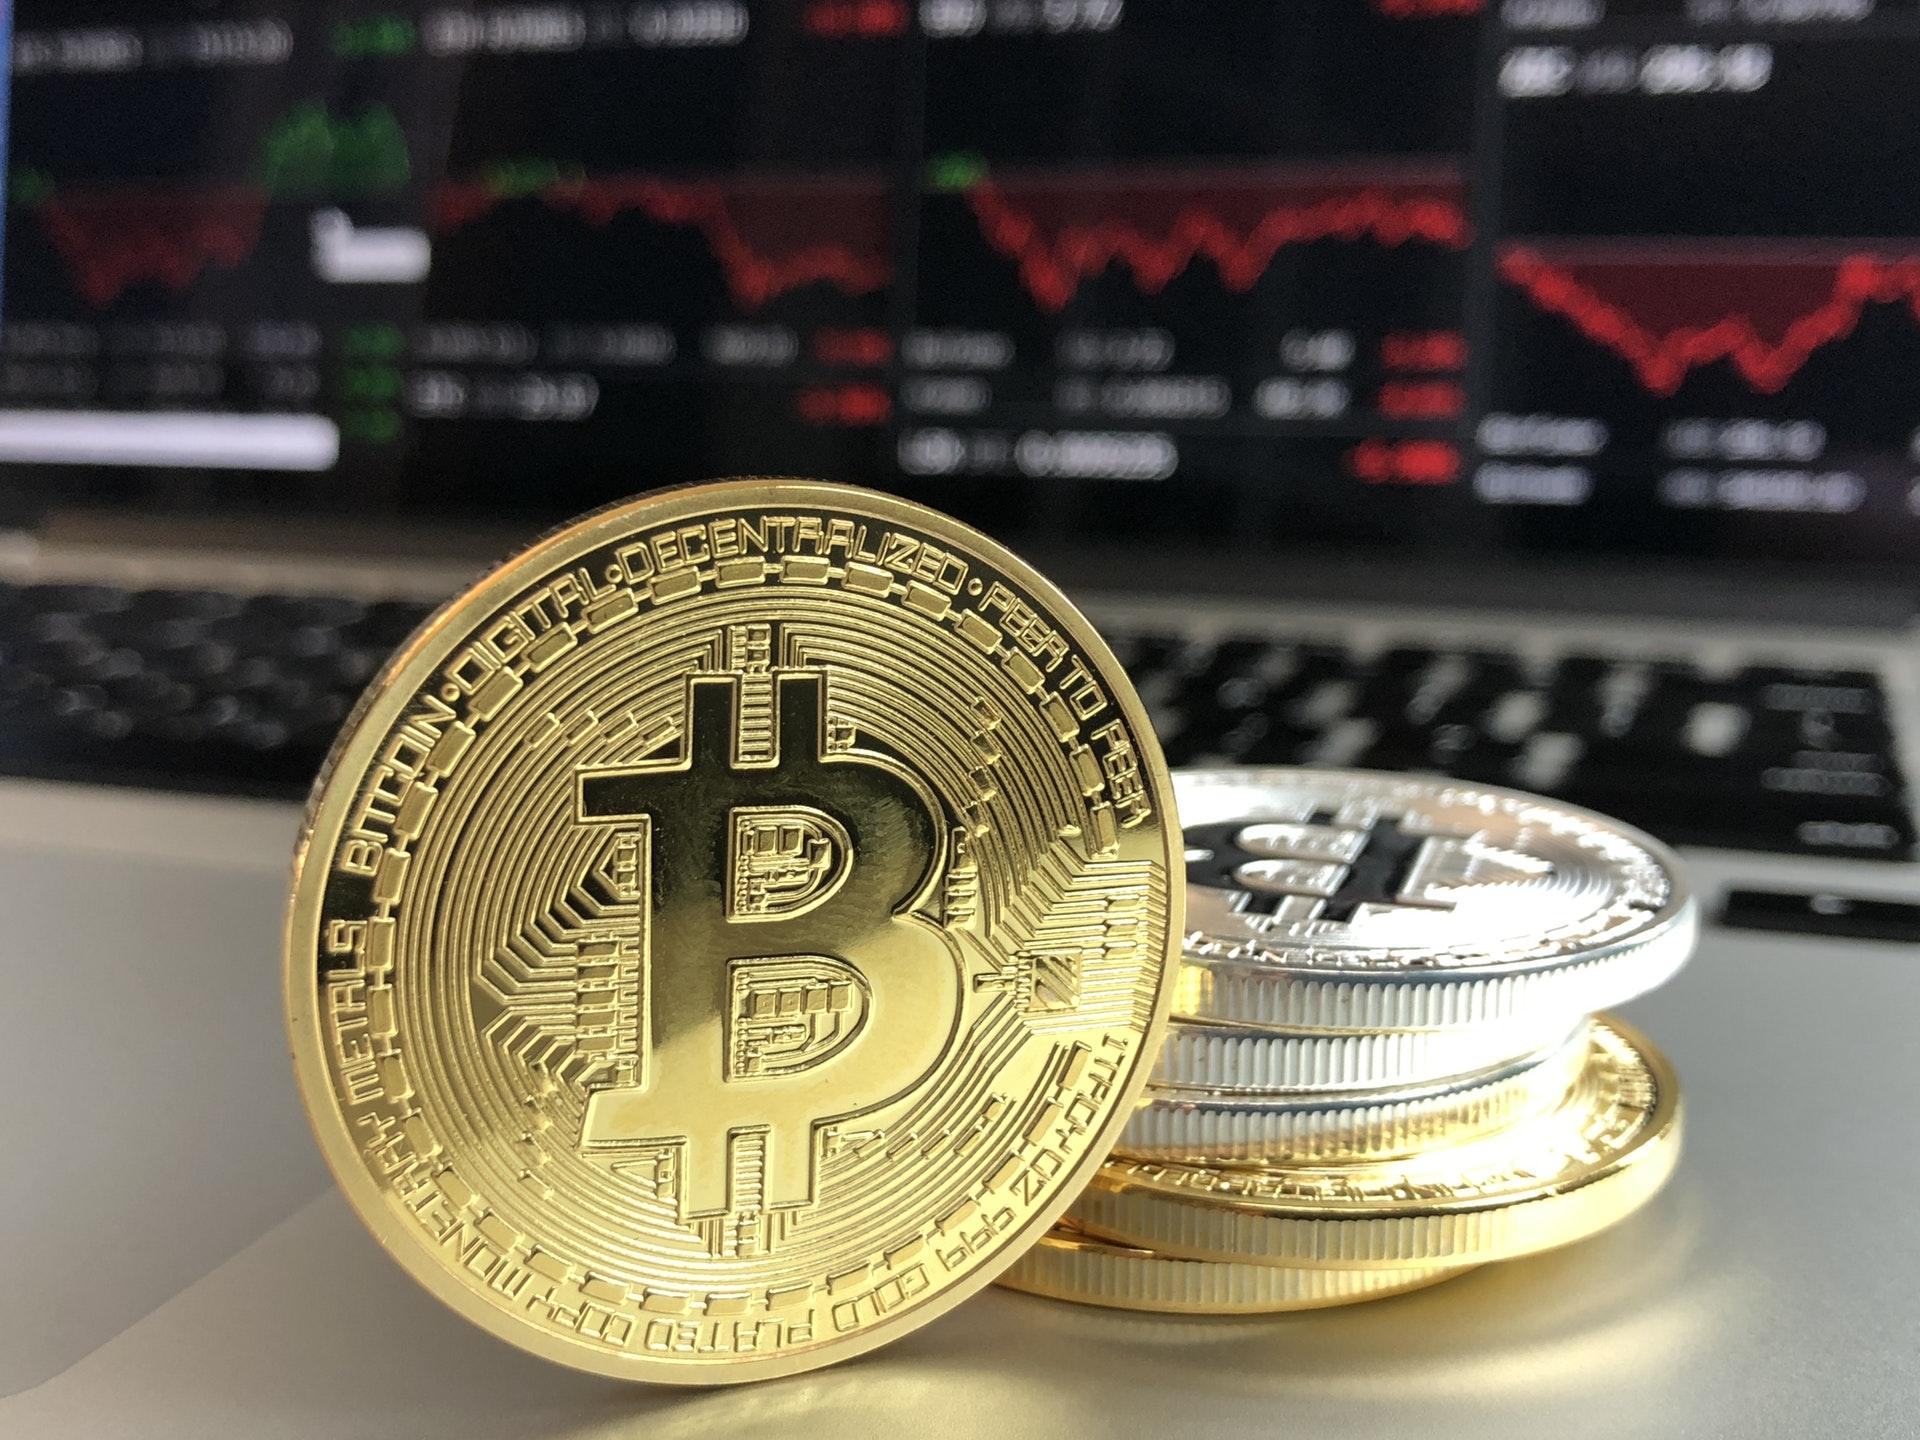 ¿Por qué el bitcoin perdió más de 1,000 dólares en un día?